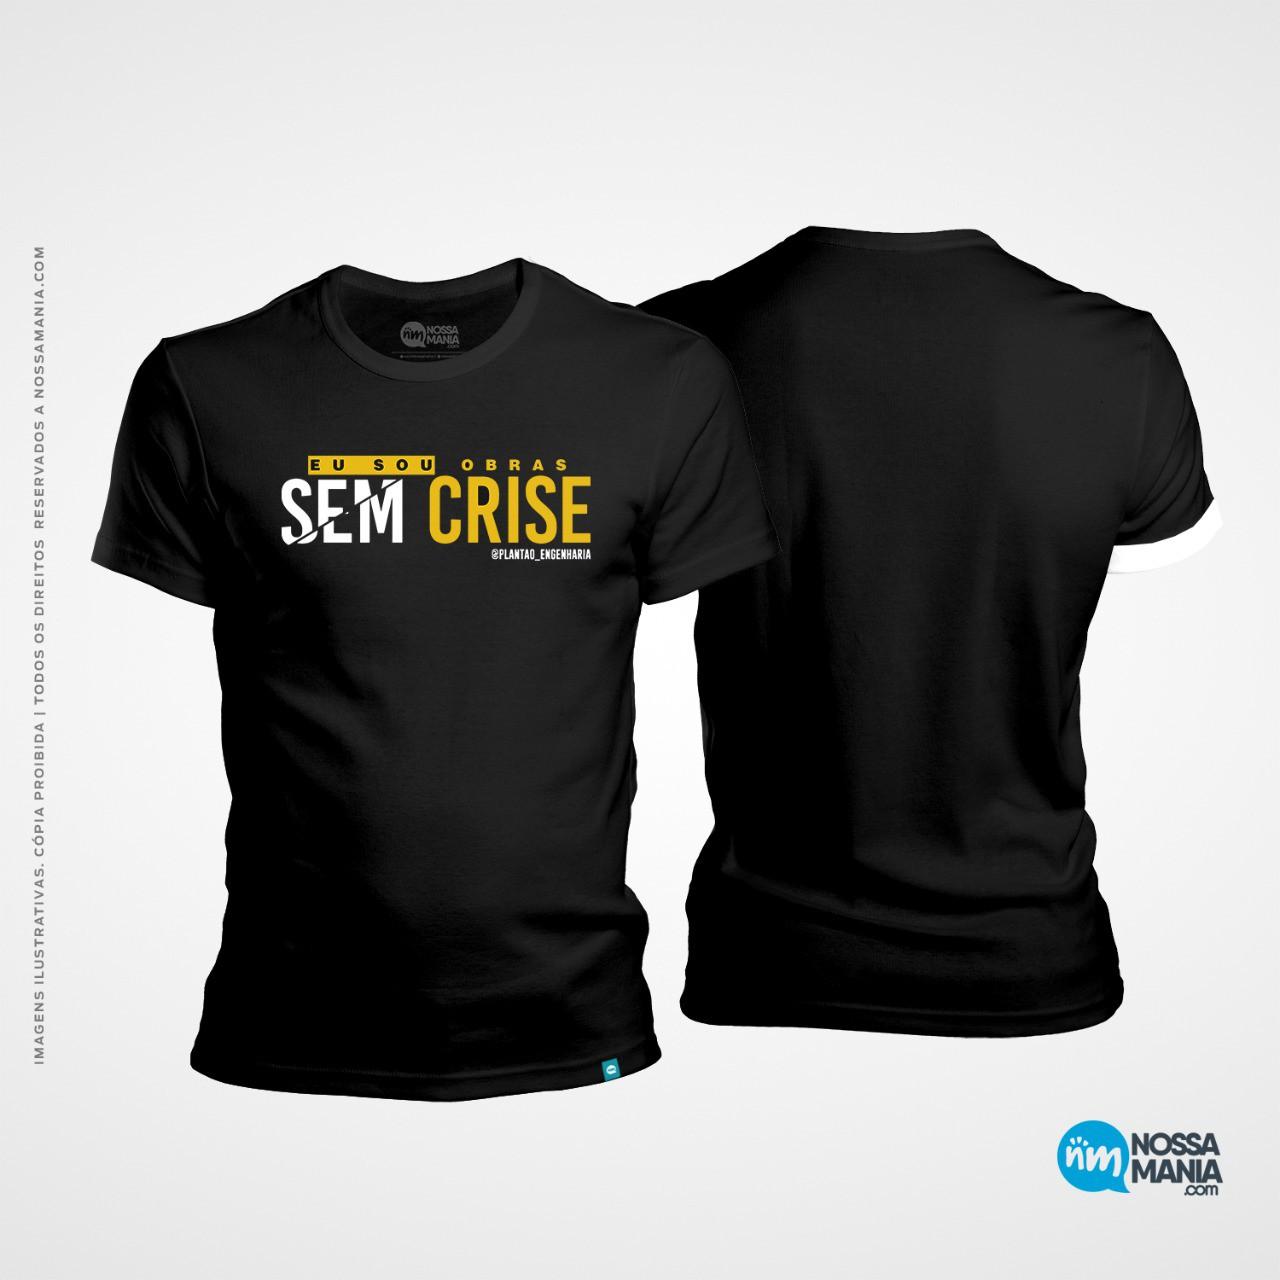 Camiseta Engenharia civil: eu sou obras sem crise